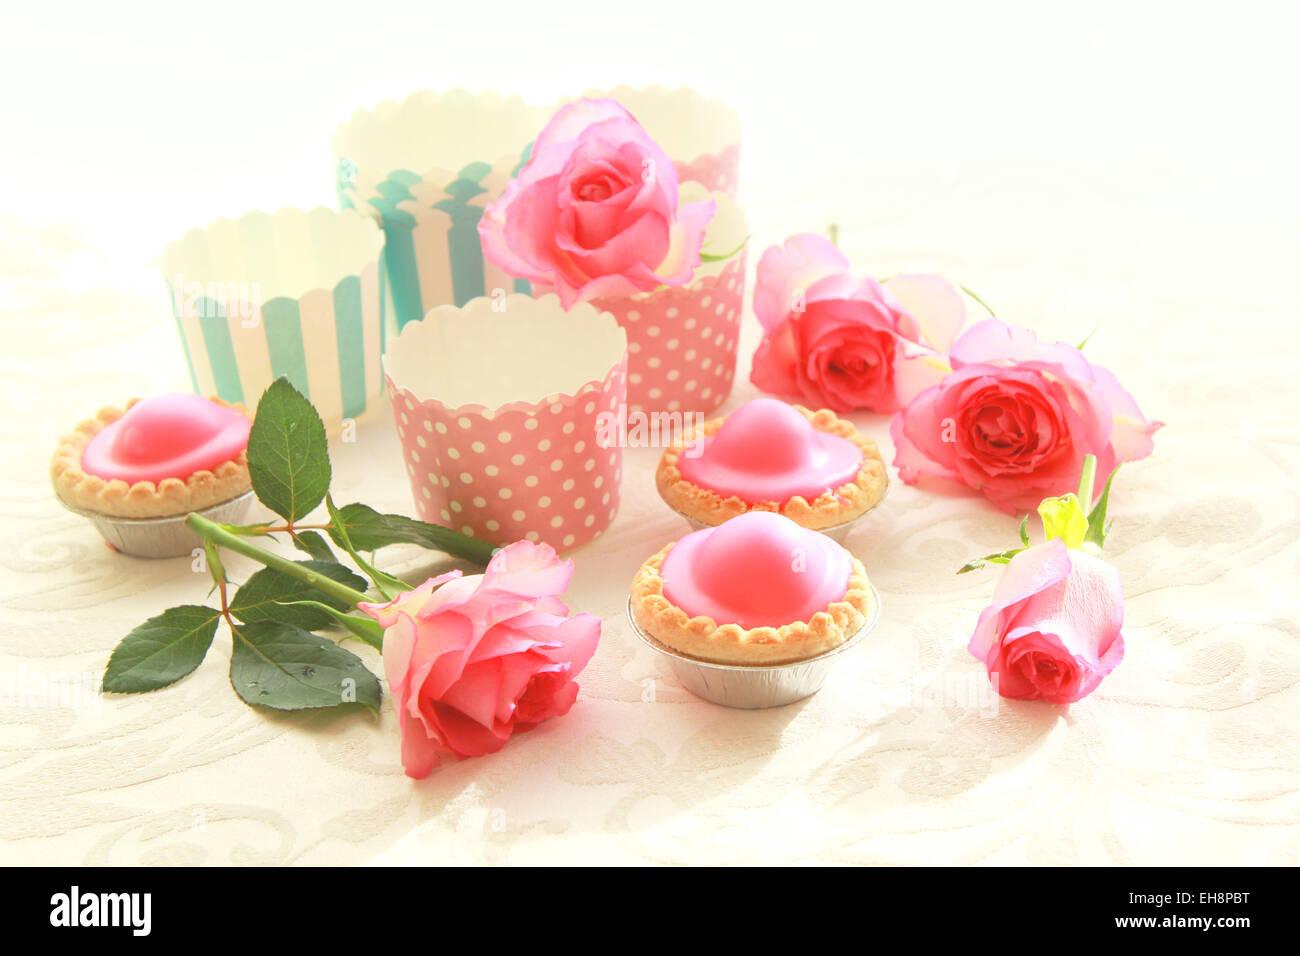 Gâteaux rose sur plaque bleue avec des roses rose Photo Stock